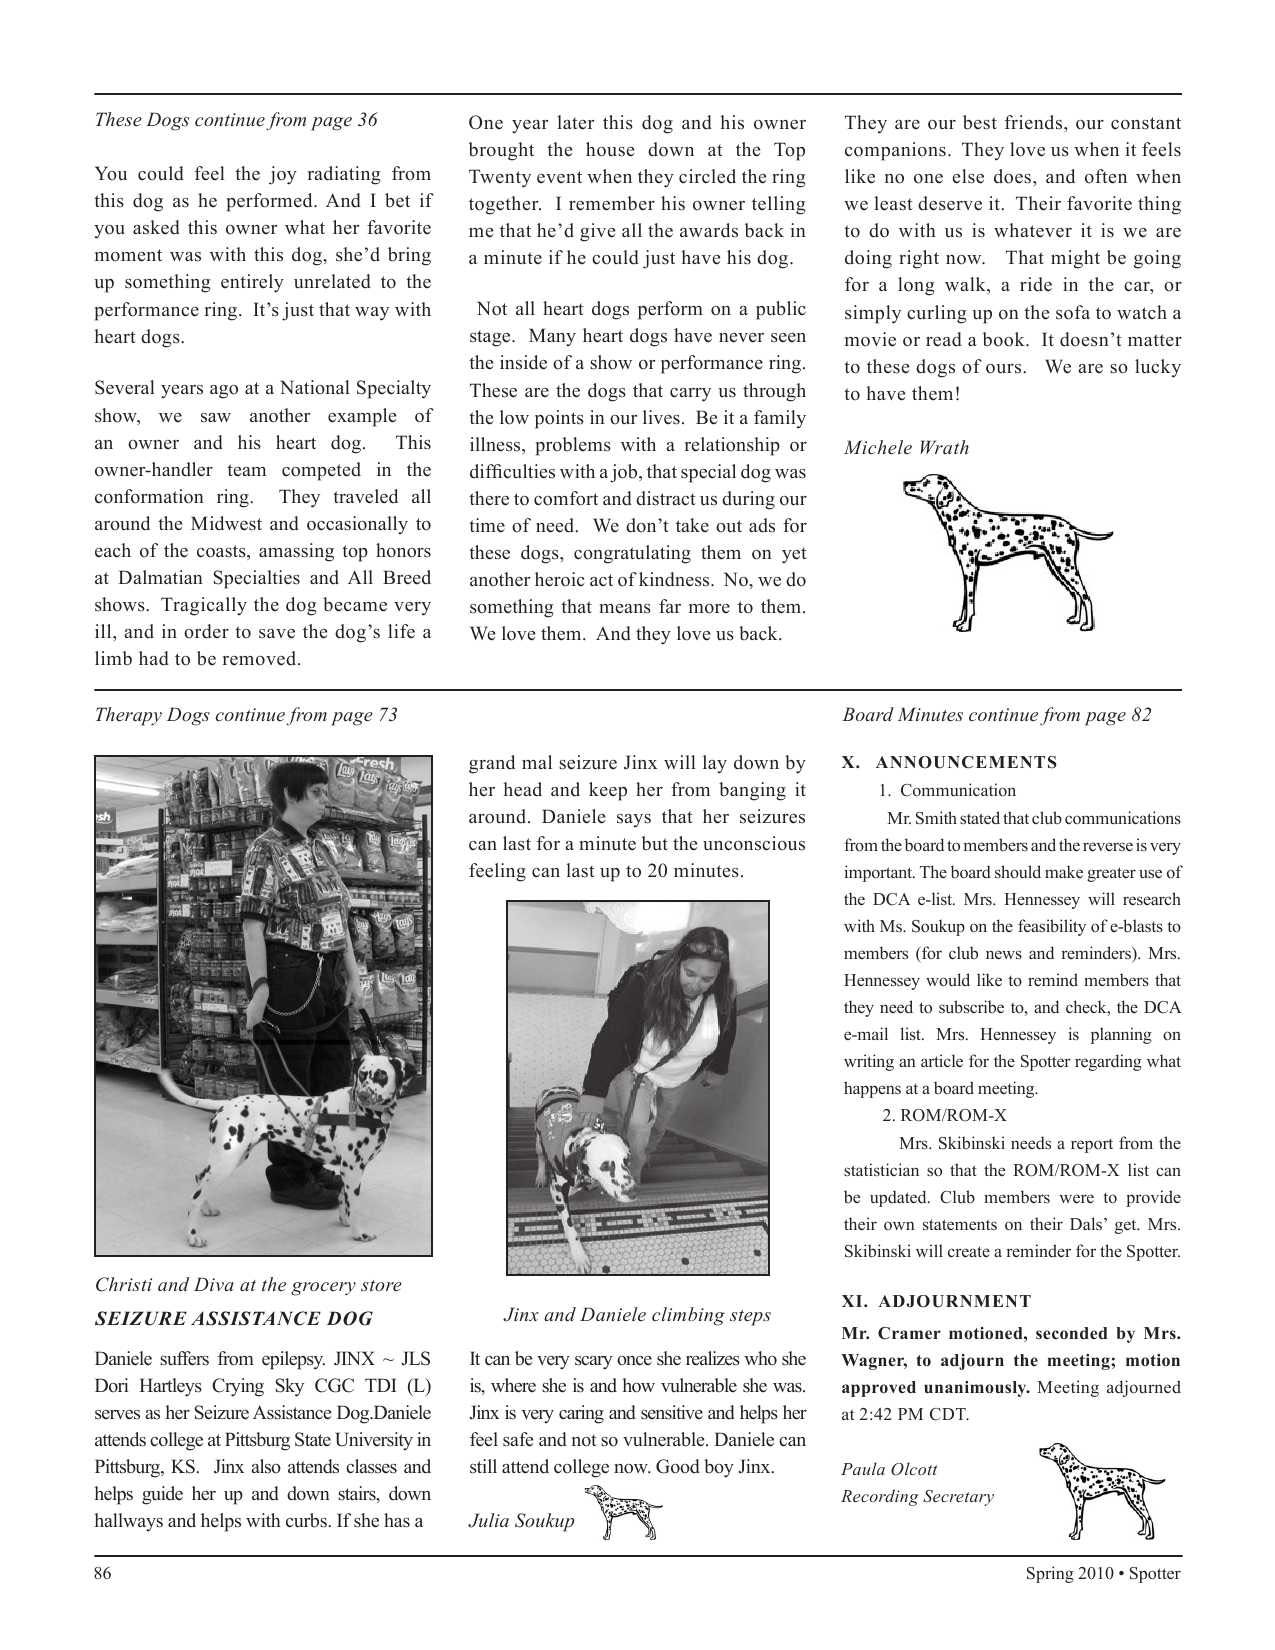 Service Dog Dalmatians